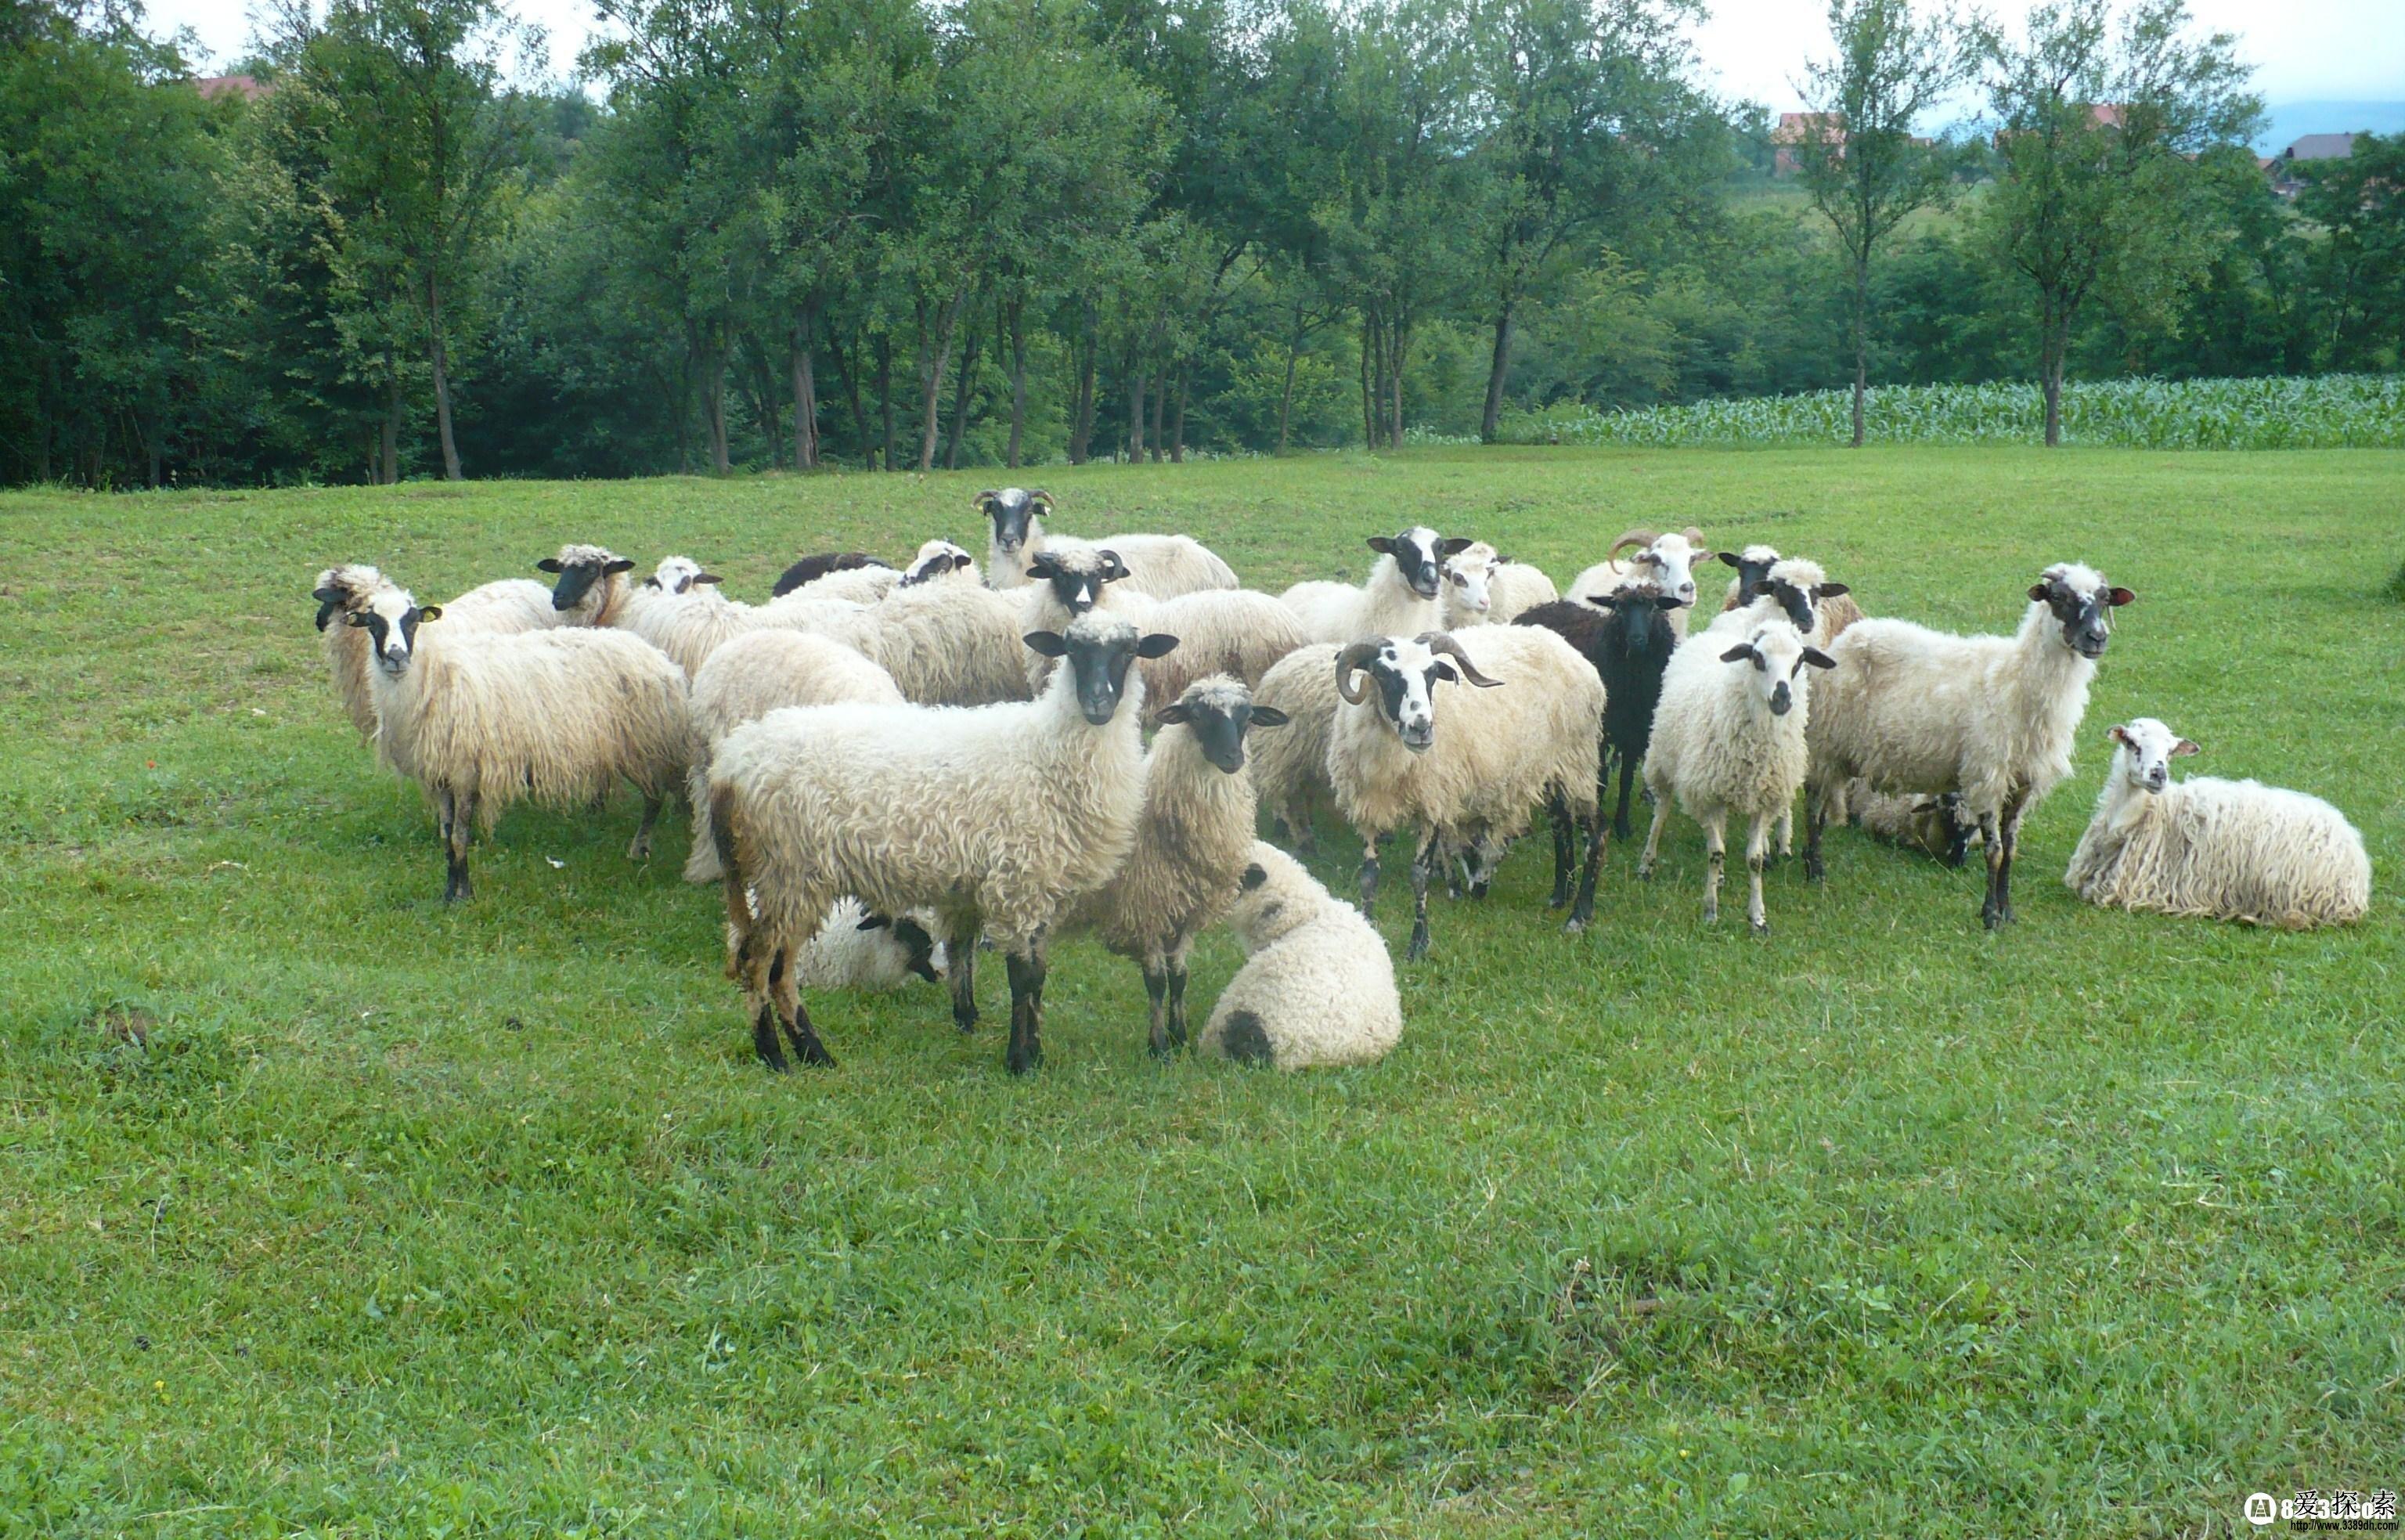 古人以马牛羊鸡犬豕为六畜,羊不但榜上有名,还位居前列,足以说明其在古人心目中的重要位置,但羊虽然没有排在十二生肖的末尾,也是到了不上不下的第八位,为何羊会来到了老八的位置呢?请随小百来解开十二生肖羊的来历传说之谜。  十二生肖羊的传说 羊伴随人类的时间之久远、与人关系之密切,的确值得大书特书。因其形体适中,攻击力差,对人几乎毫无威胁,不似豺狼虎豹之凶猛令人毛骨悚然,于是便成最理想的狩猎目标之一。又因其食之者草,产出者奶、肉、毛、皮,加之其性格温顺,易于驯服,故而成为人类最早饲养的动物。 在中国民间传